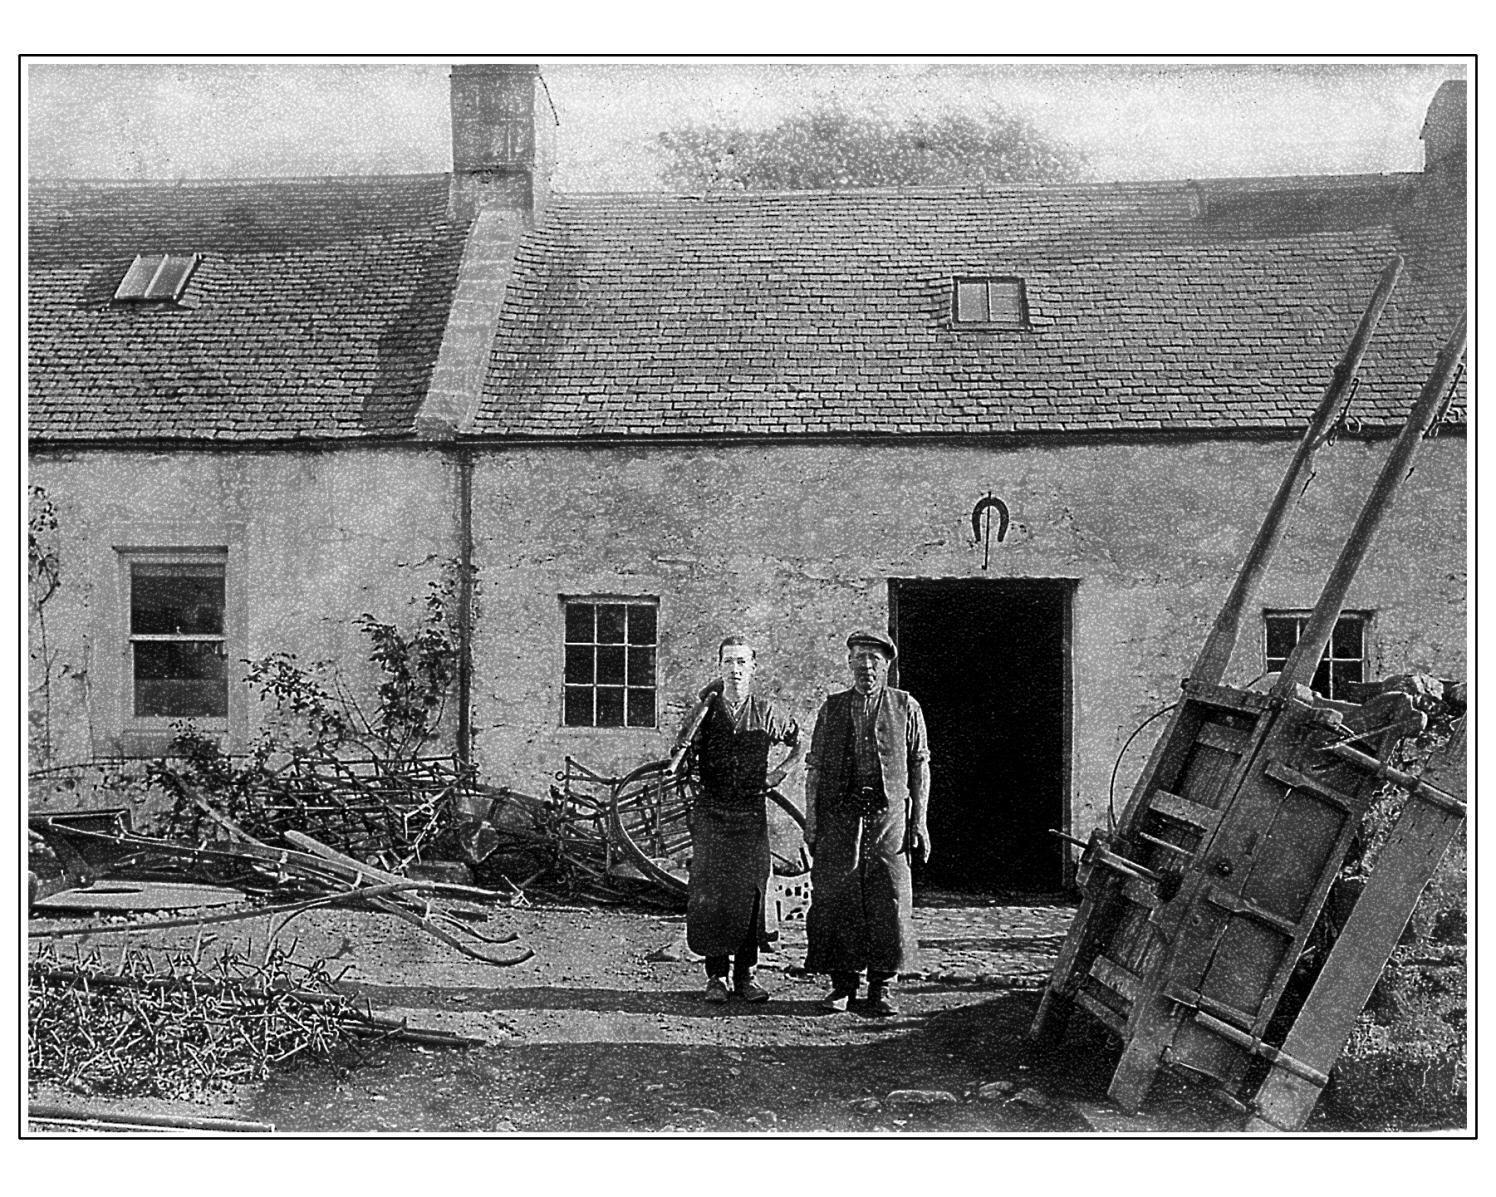 Blacksmith, Glenginnet Road